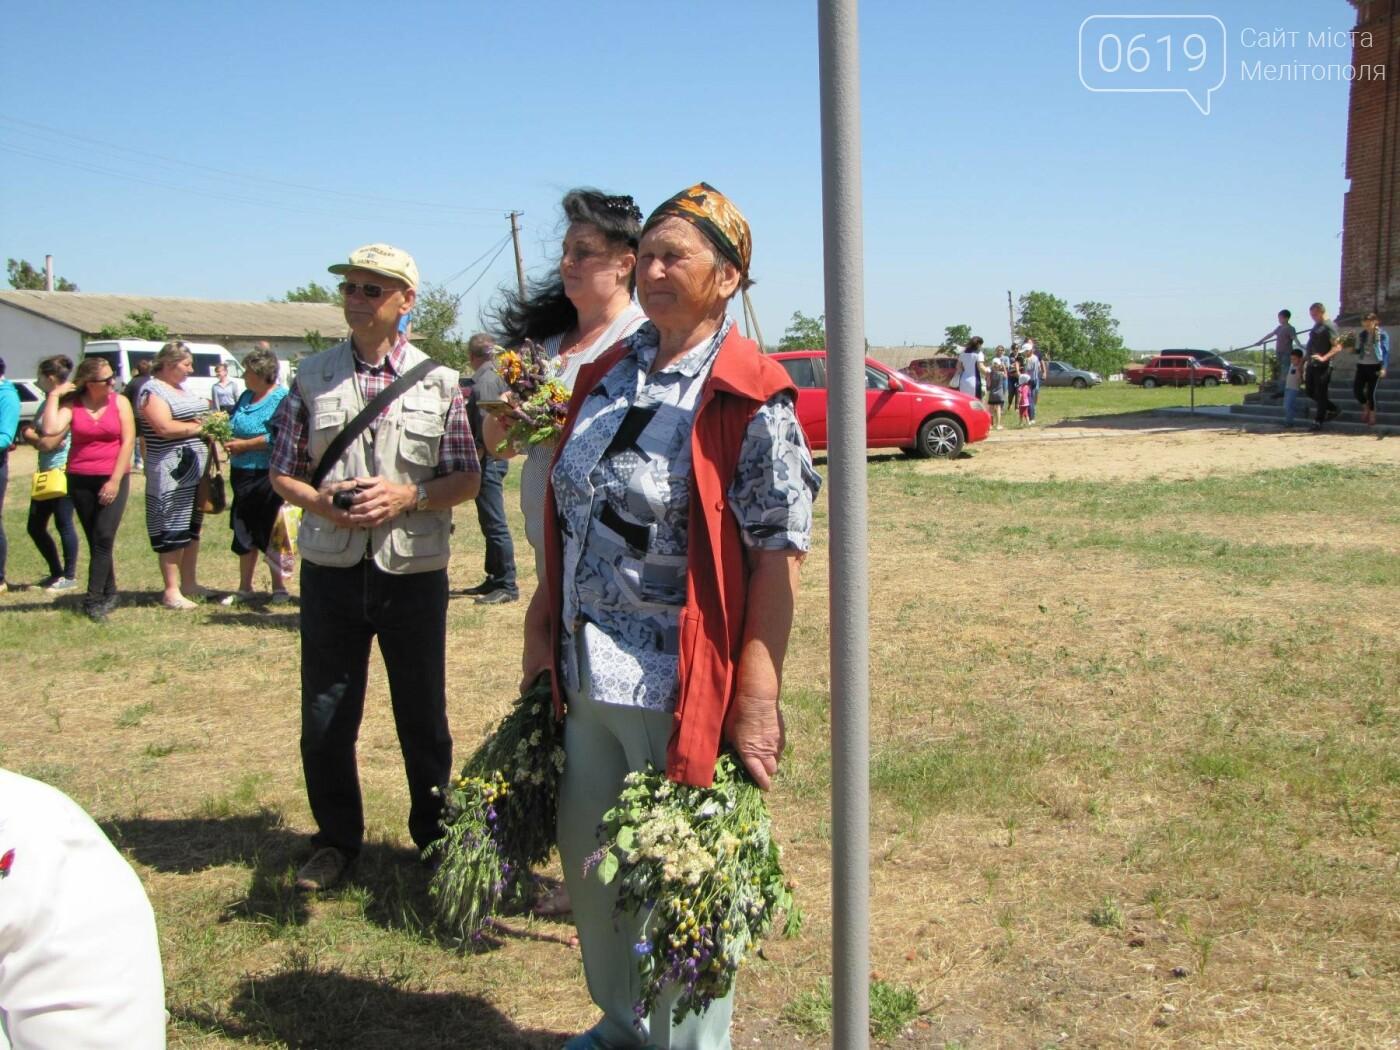 Жители Мелитопольщины отпраздновали Троицу, фото-23